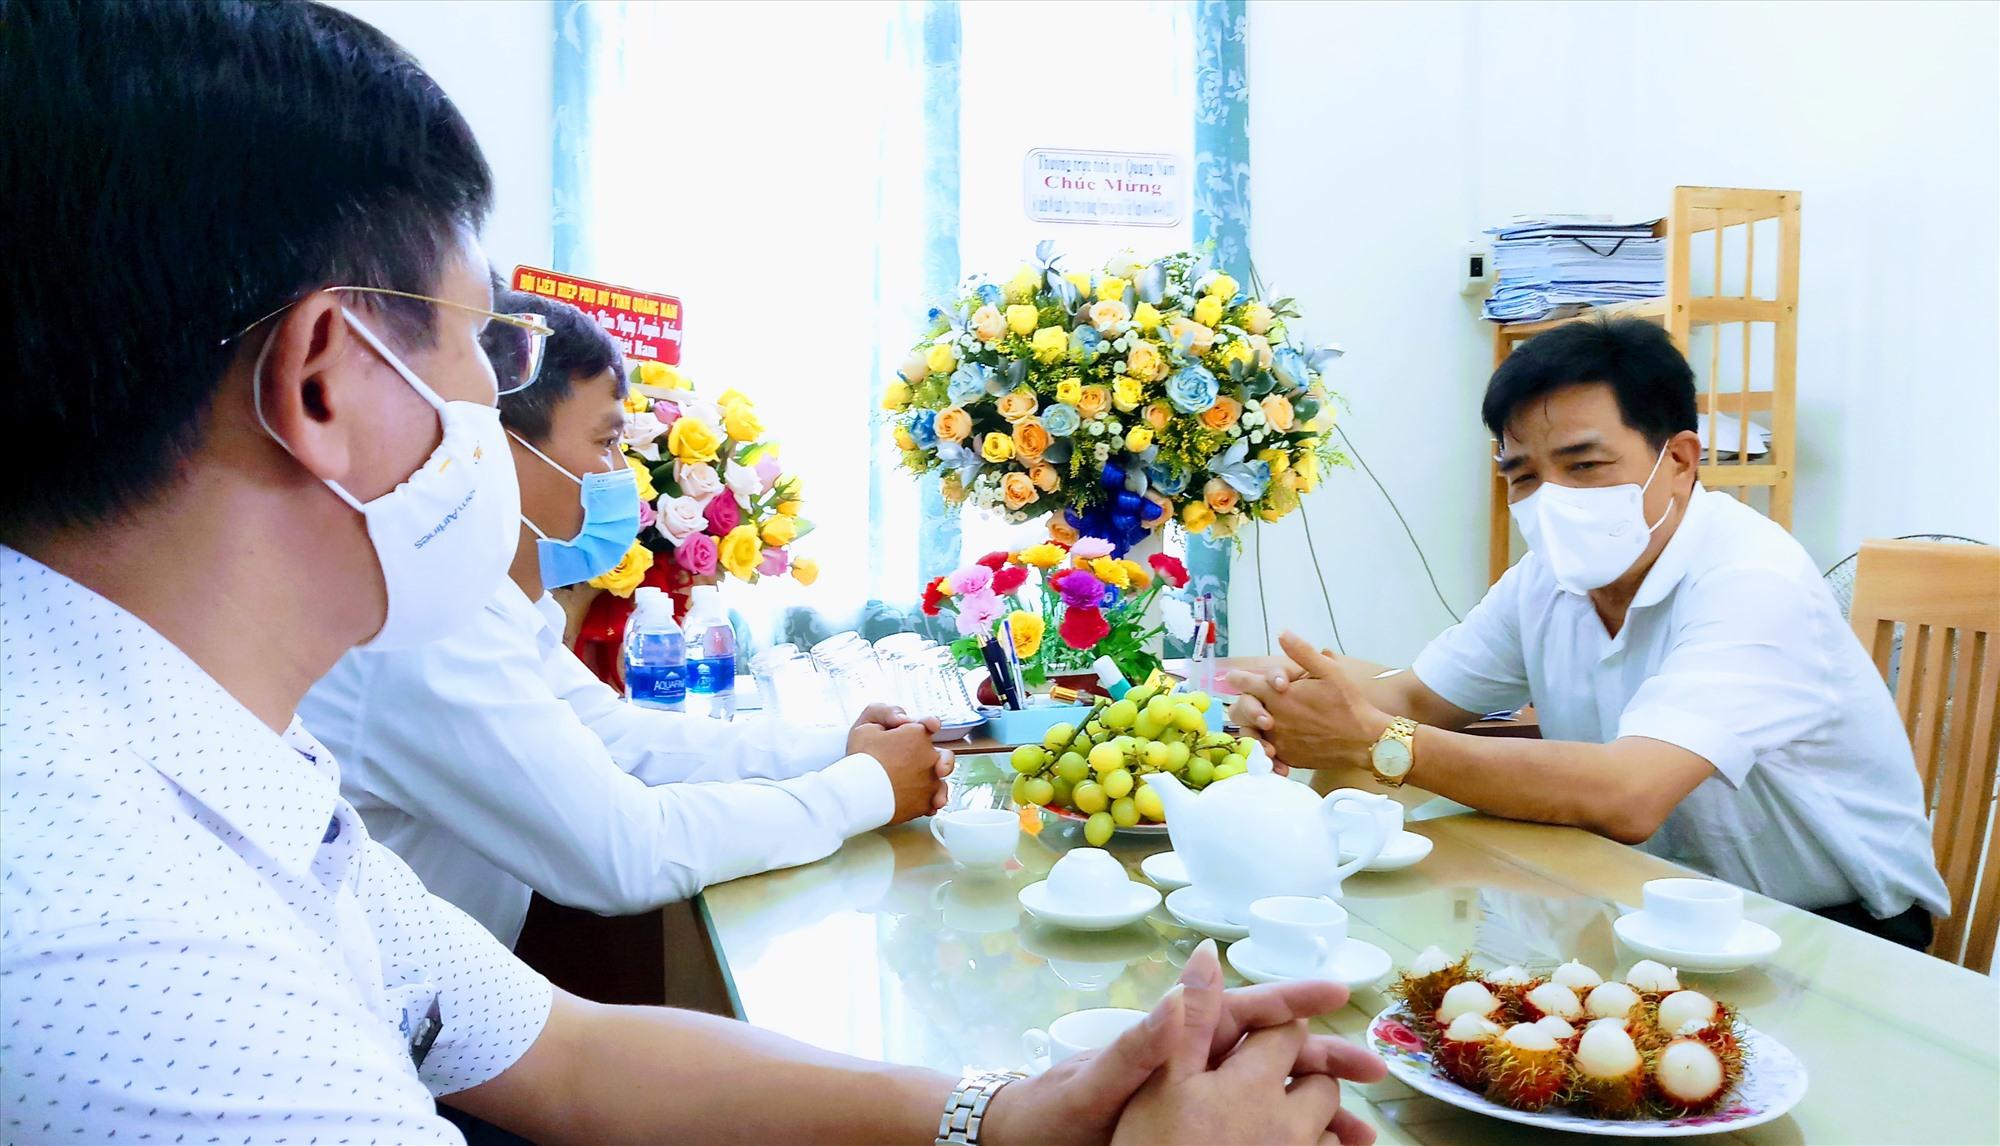 Đồng chí Lê Văn Dũng biểu dương và đánh giá cao những đóng góp của người cao tuổi trong sự nghiệp phát triển chung của tỉnh thời gian qua. Ảnh: A.N